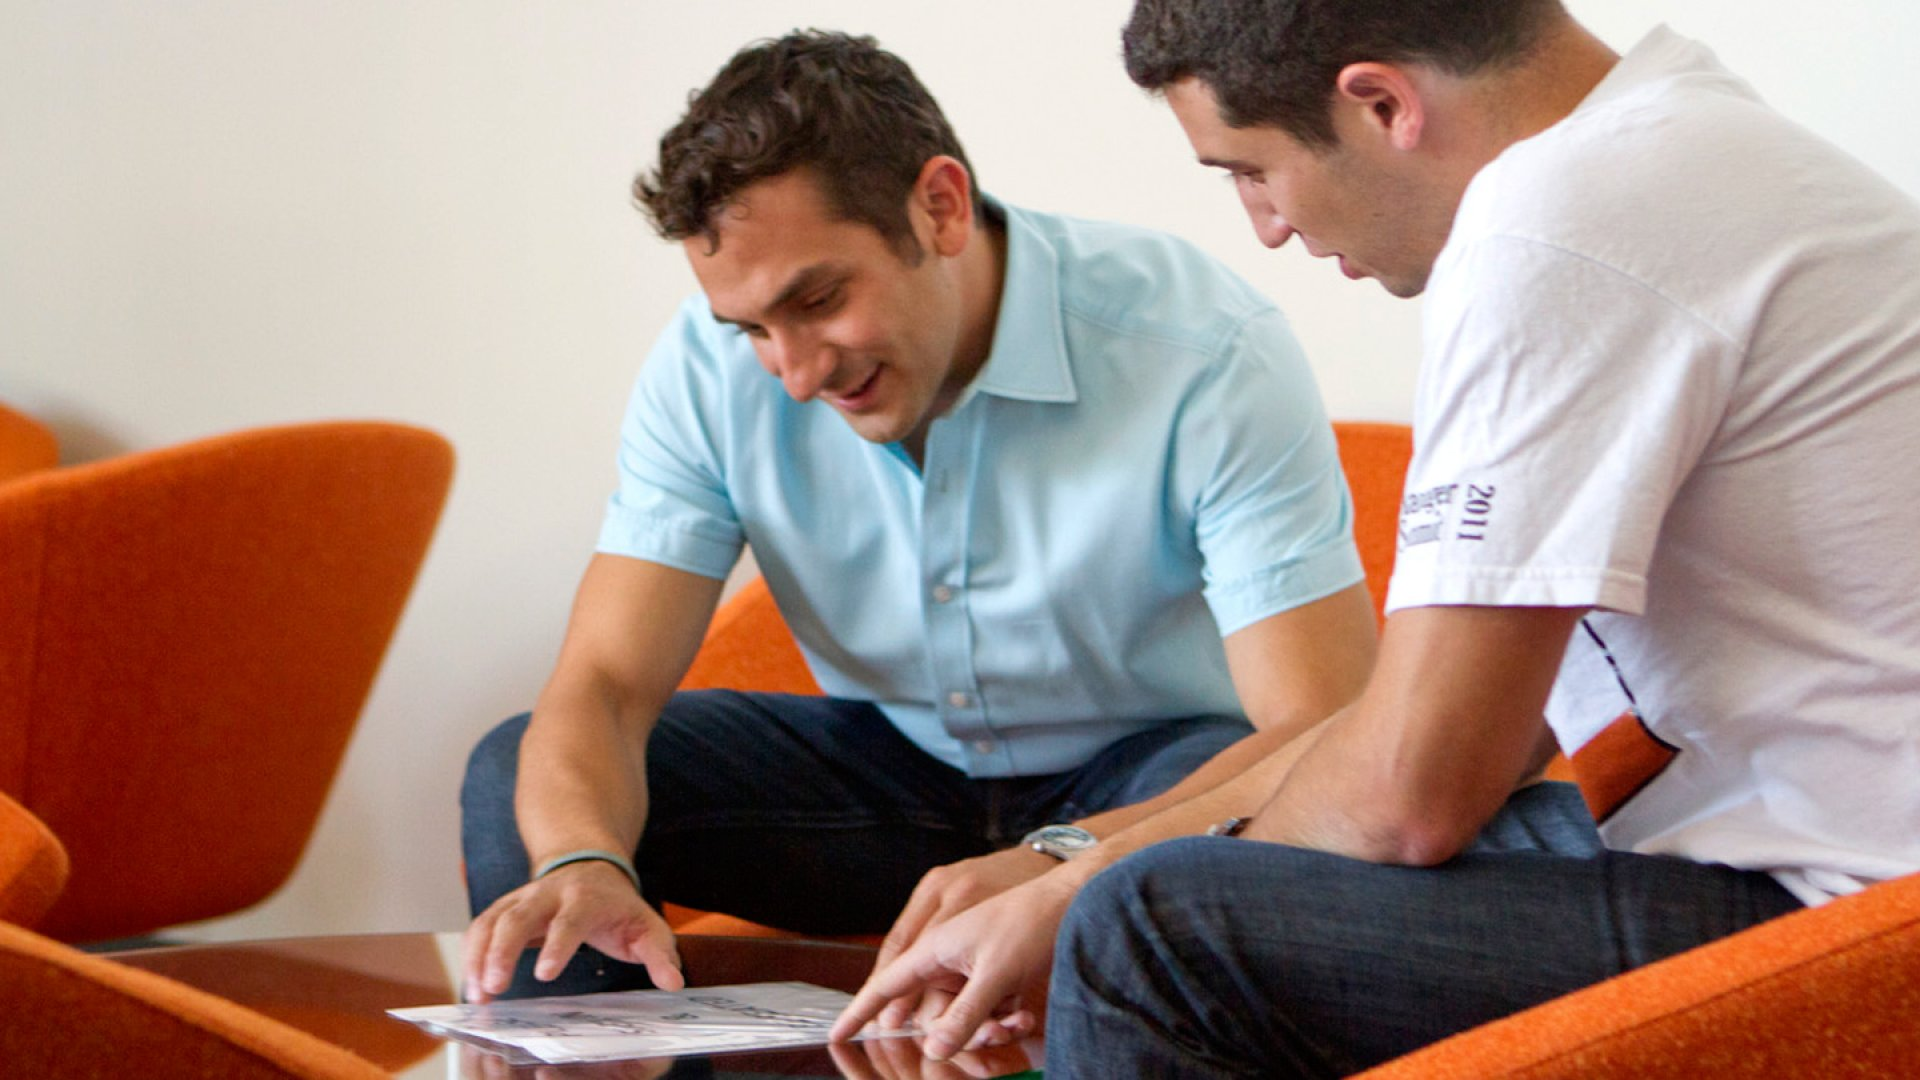 Yodle's founder Ben Rubenstein. (right)